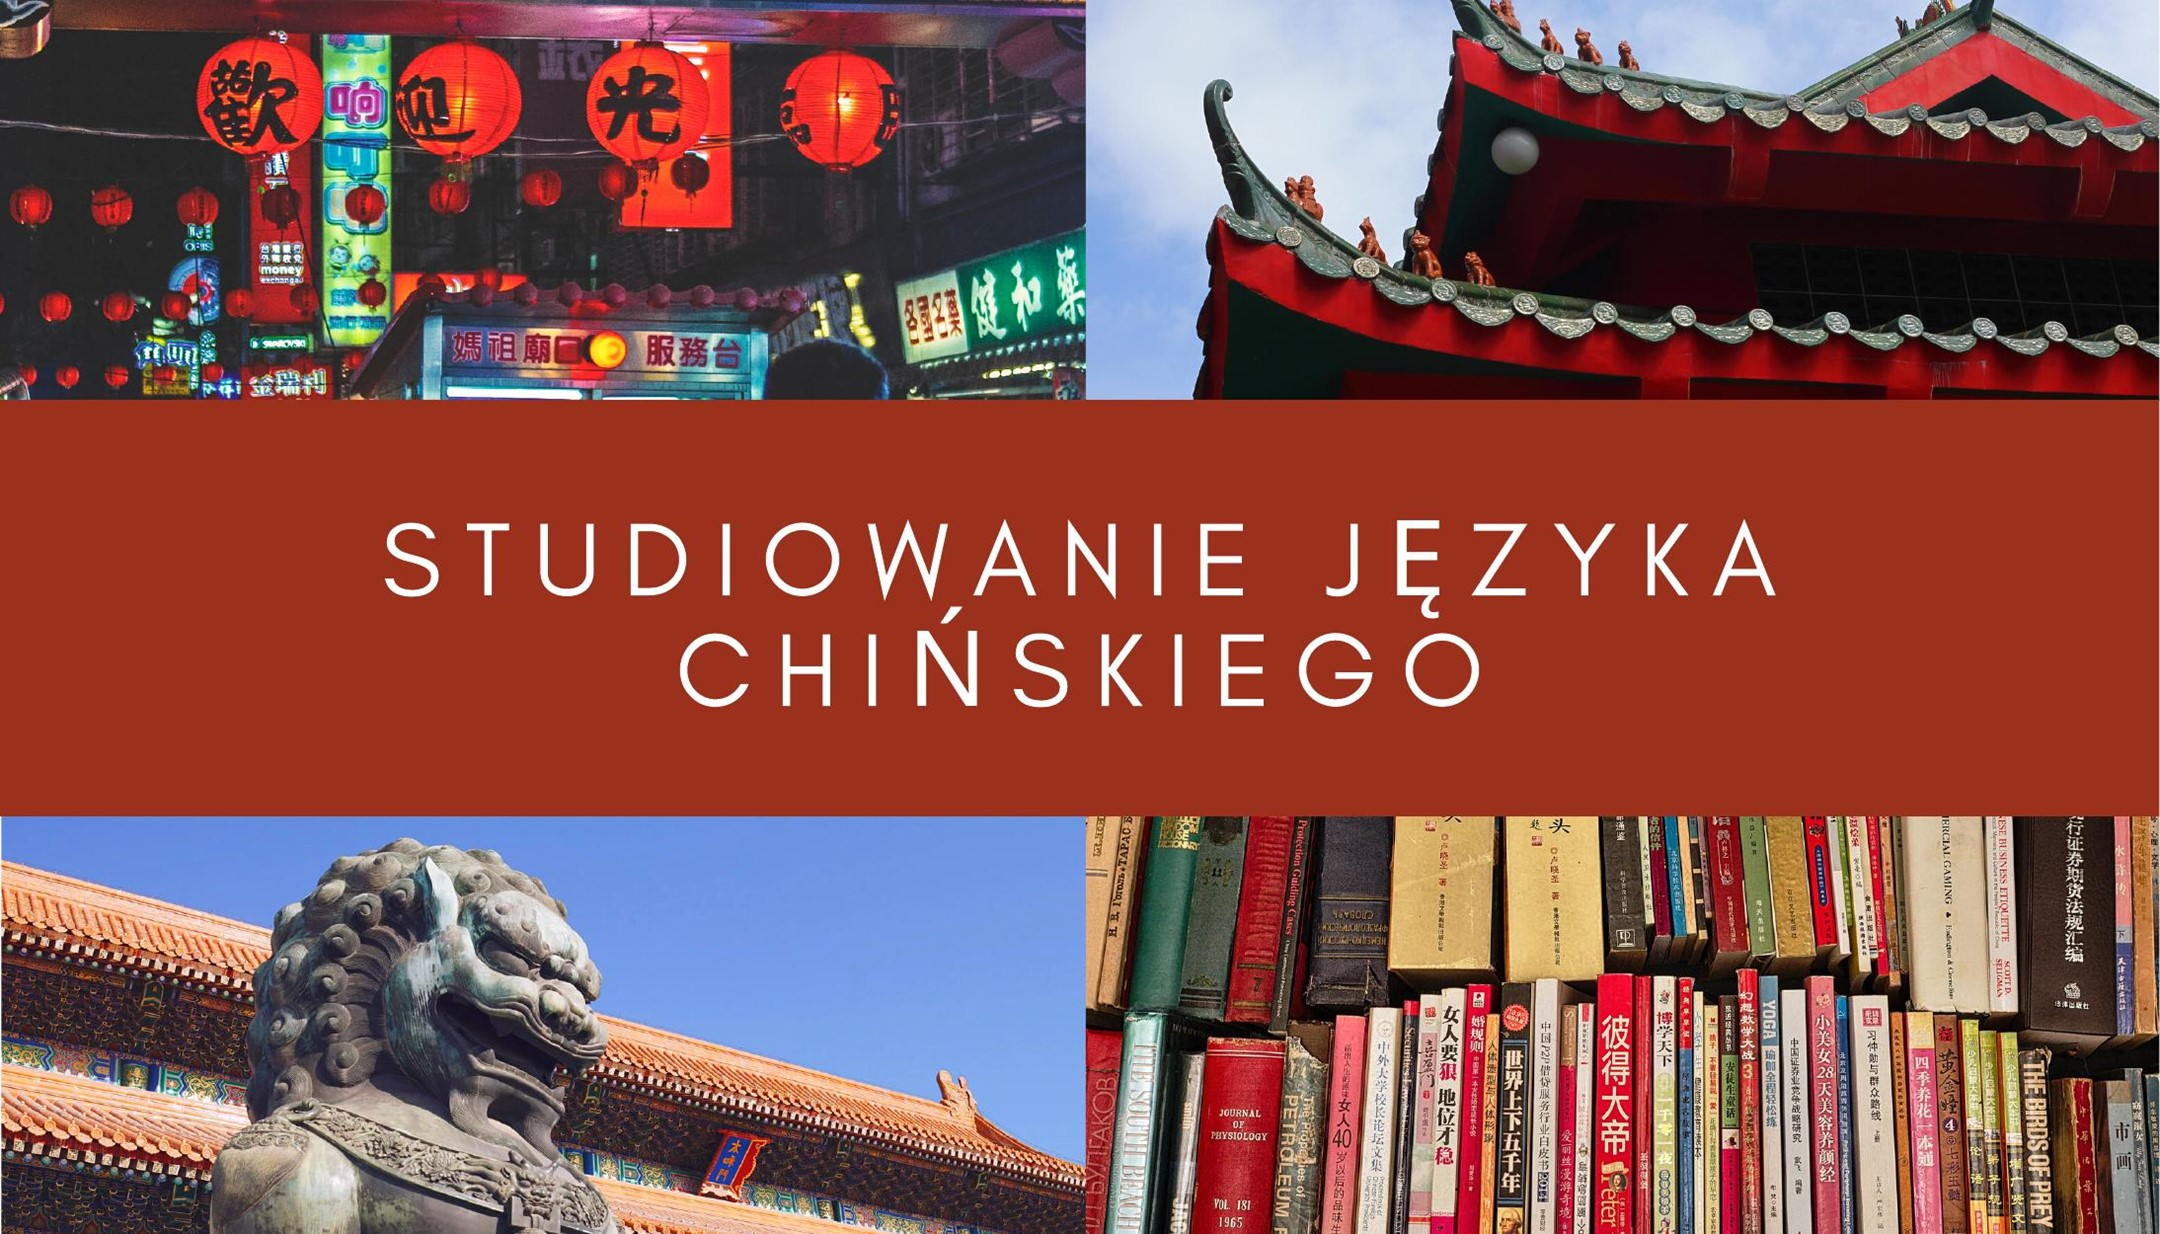 Studiowanie języka chińskiego